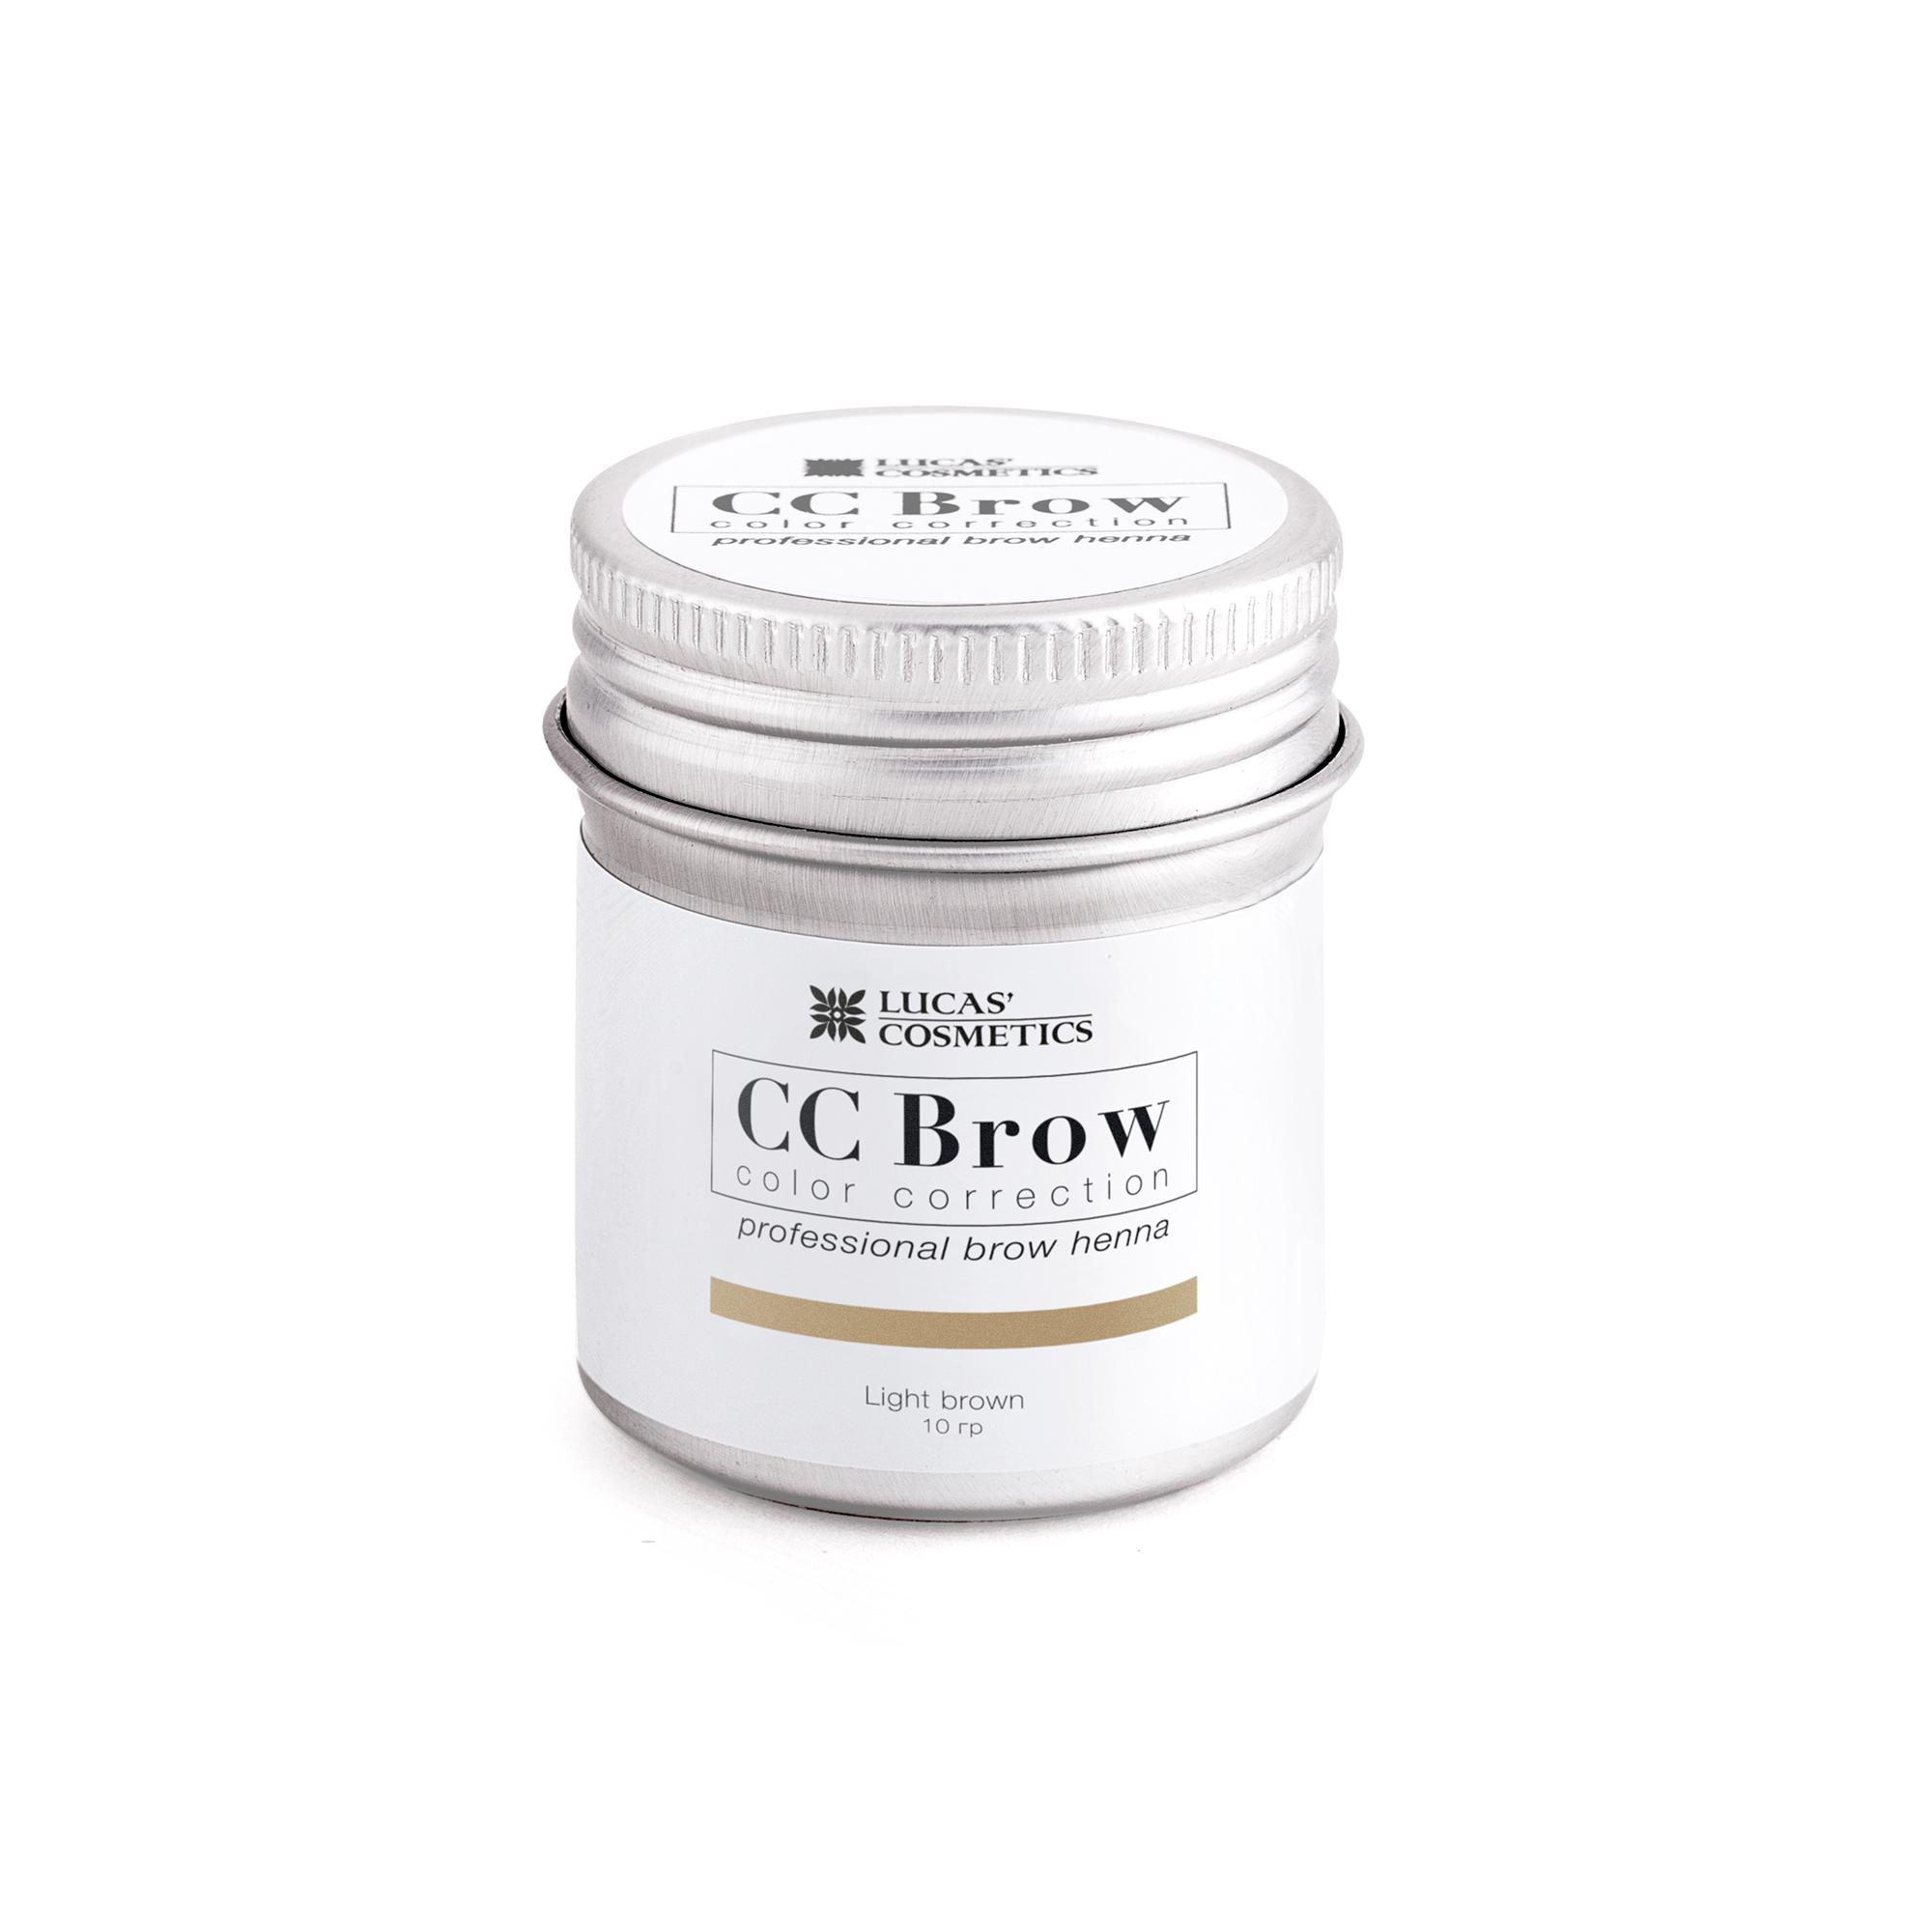 LUCAS' COSMETICS Хна для бровей, светло-коричневый (в баночке) / CC Brow light brown 10 г - Хна для бровей